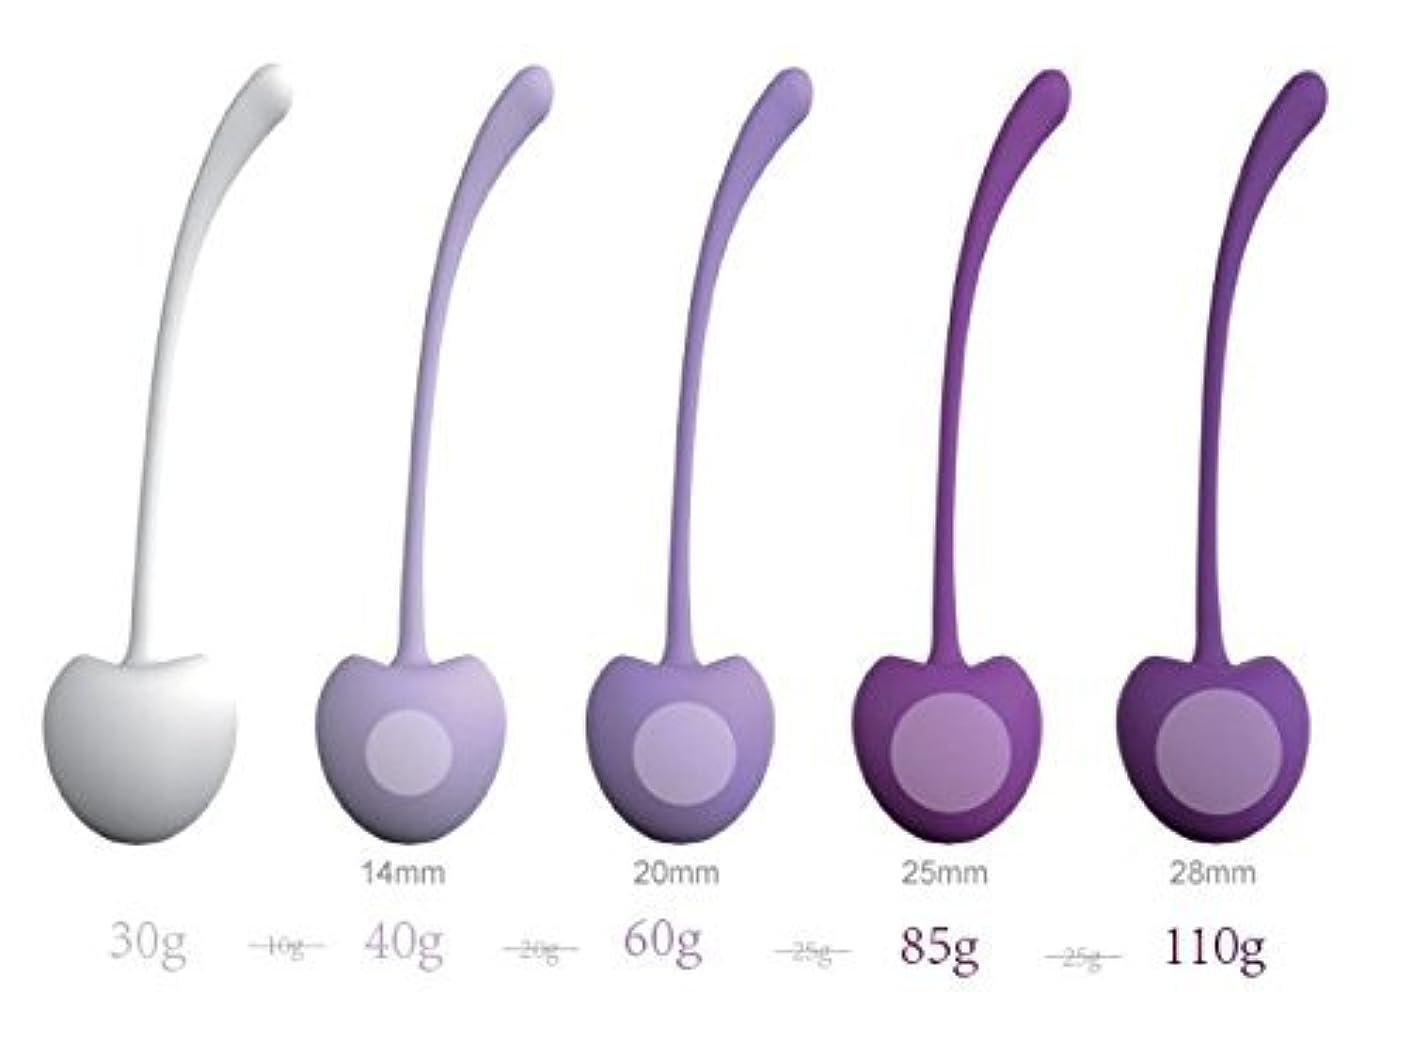 を必要としていますアウター測る大人のおもちゃの初心者のための女性と産後の母親のために設計されたケーキボールダンベル(5個)